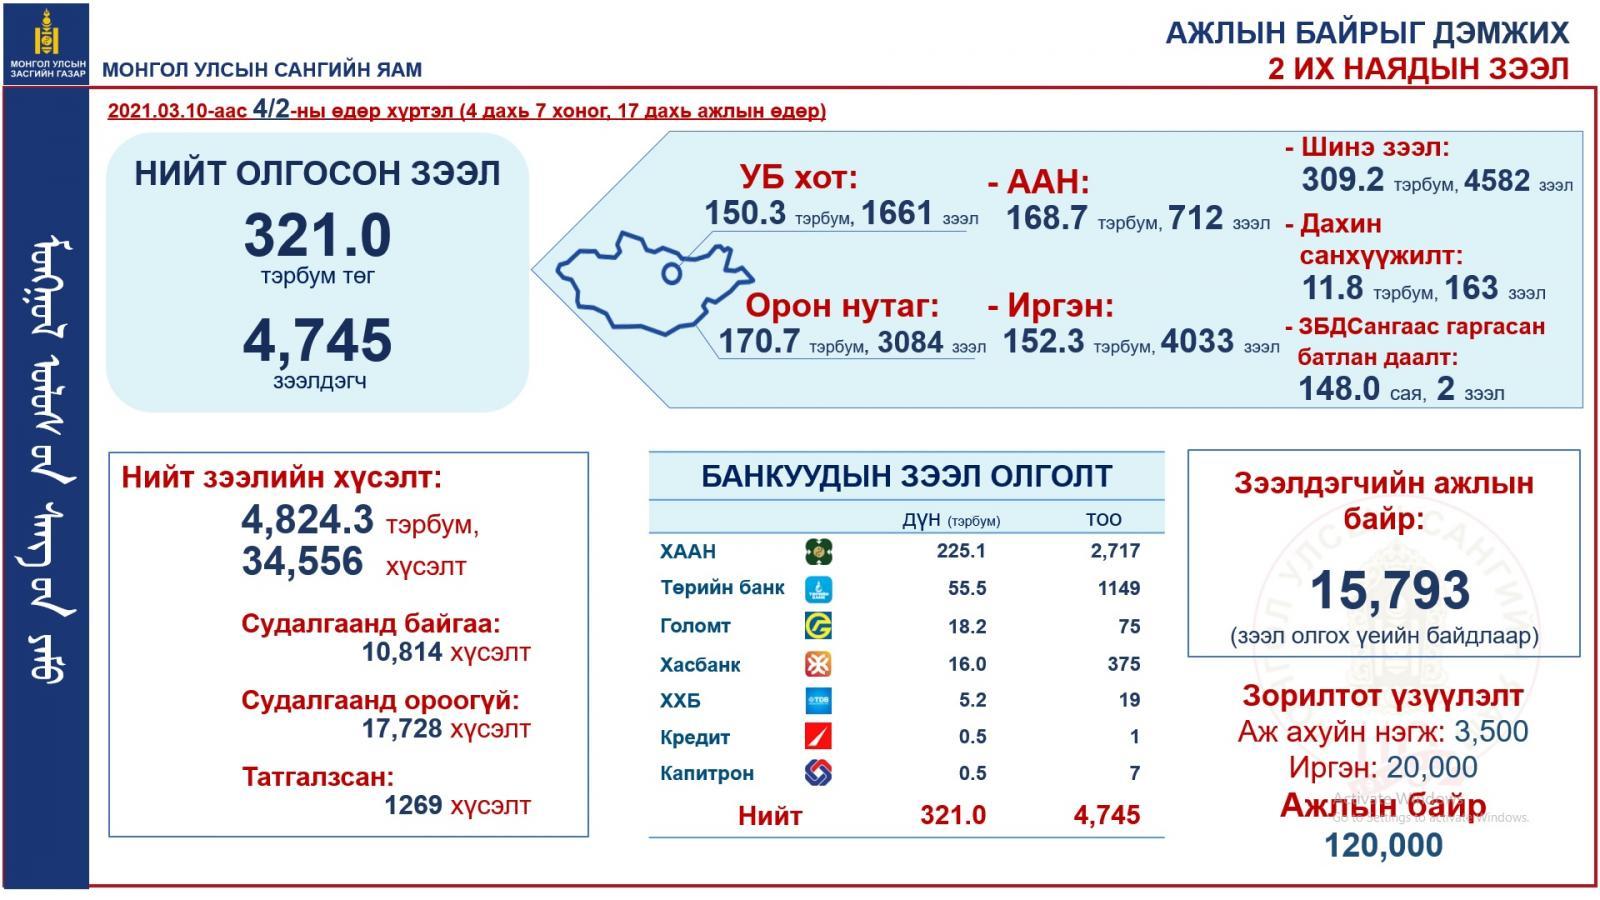 712 аж ахуйн нэгжид 168,7 тэрбум төгрөгийн ажлын байр дэмжих зээл олгогджээ